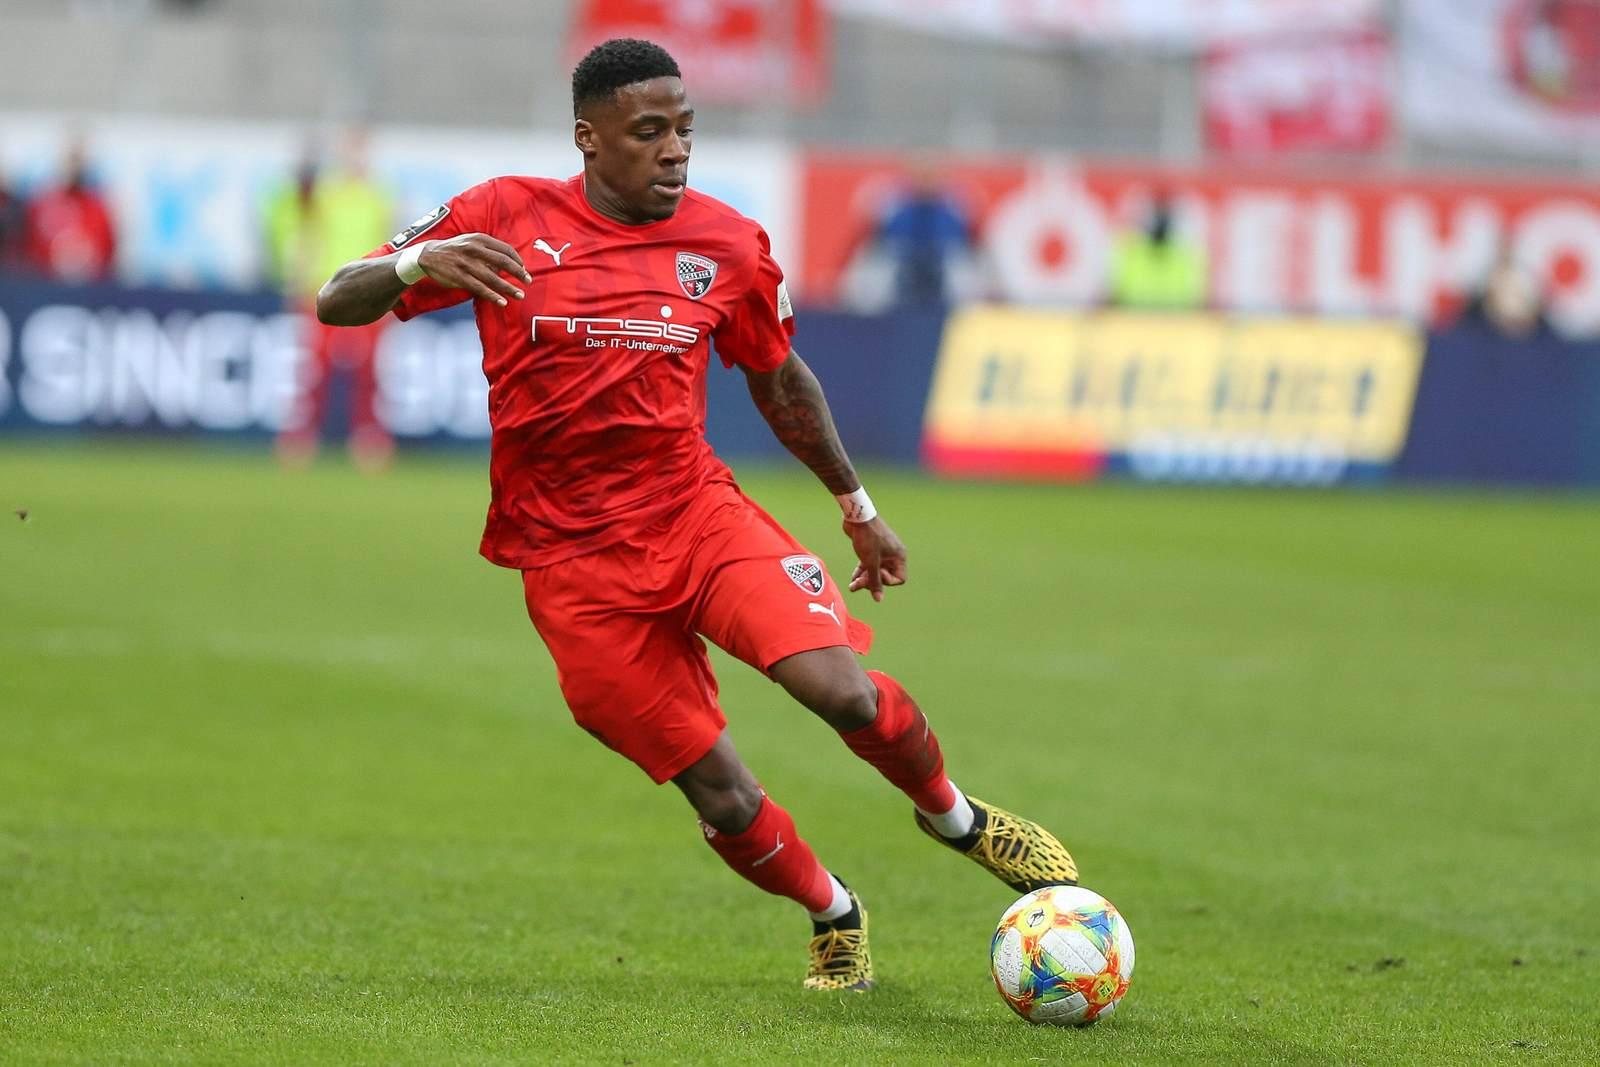 Frederic Ananou am Ball für den FC Ingolstadt